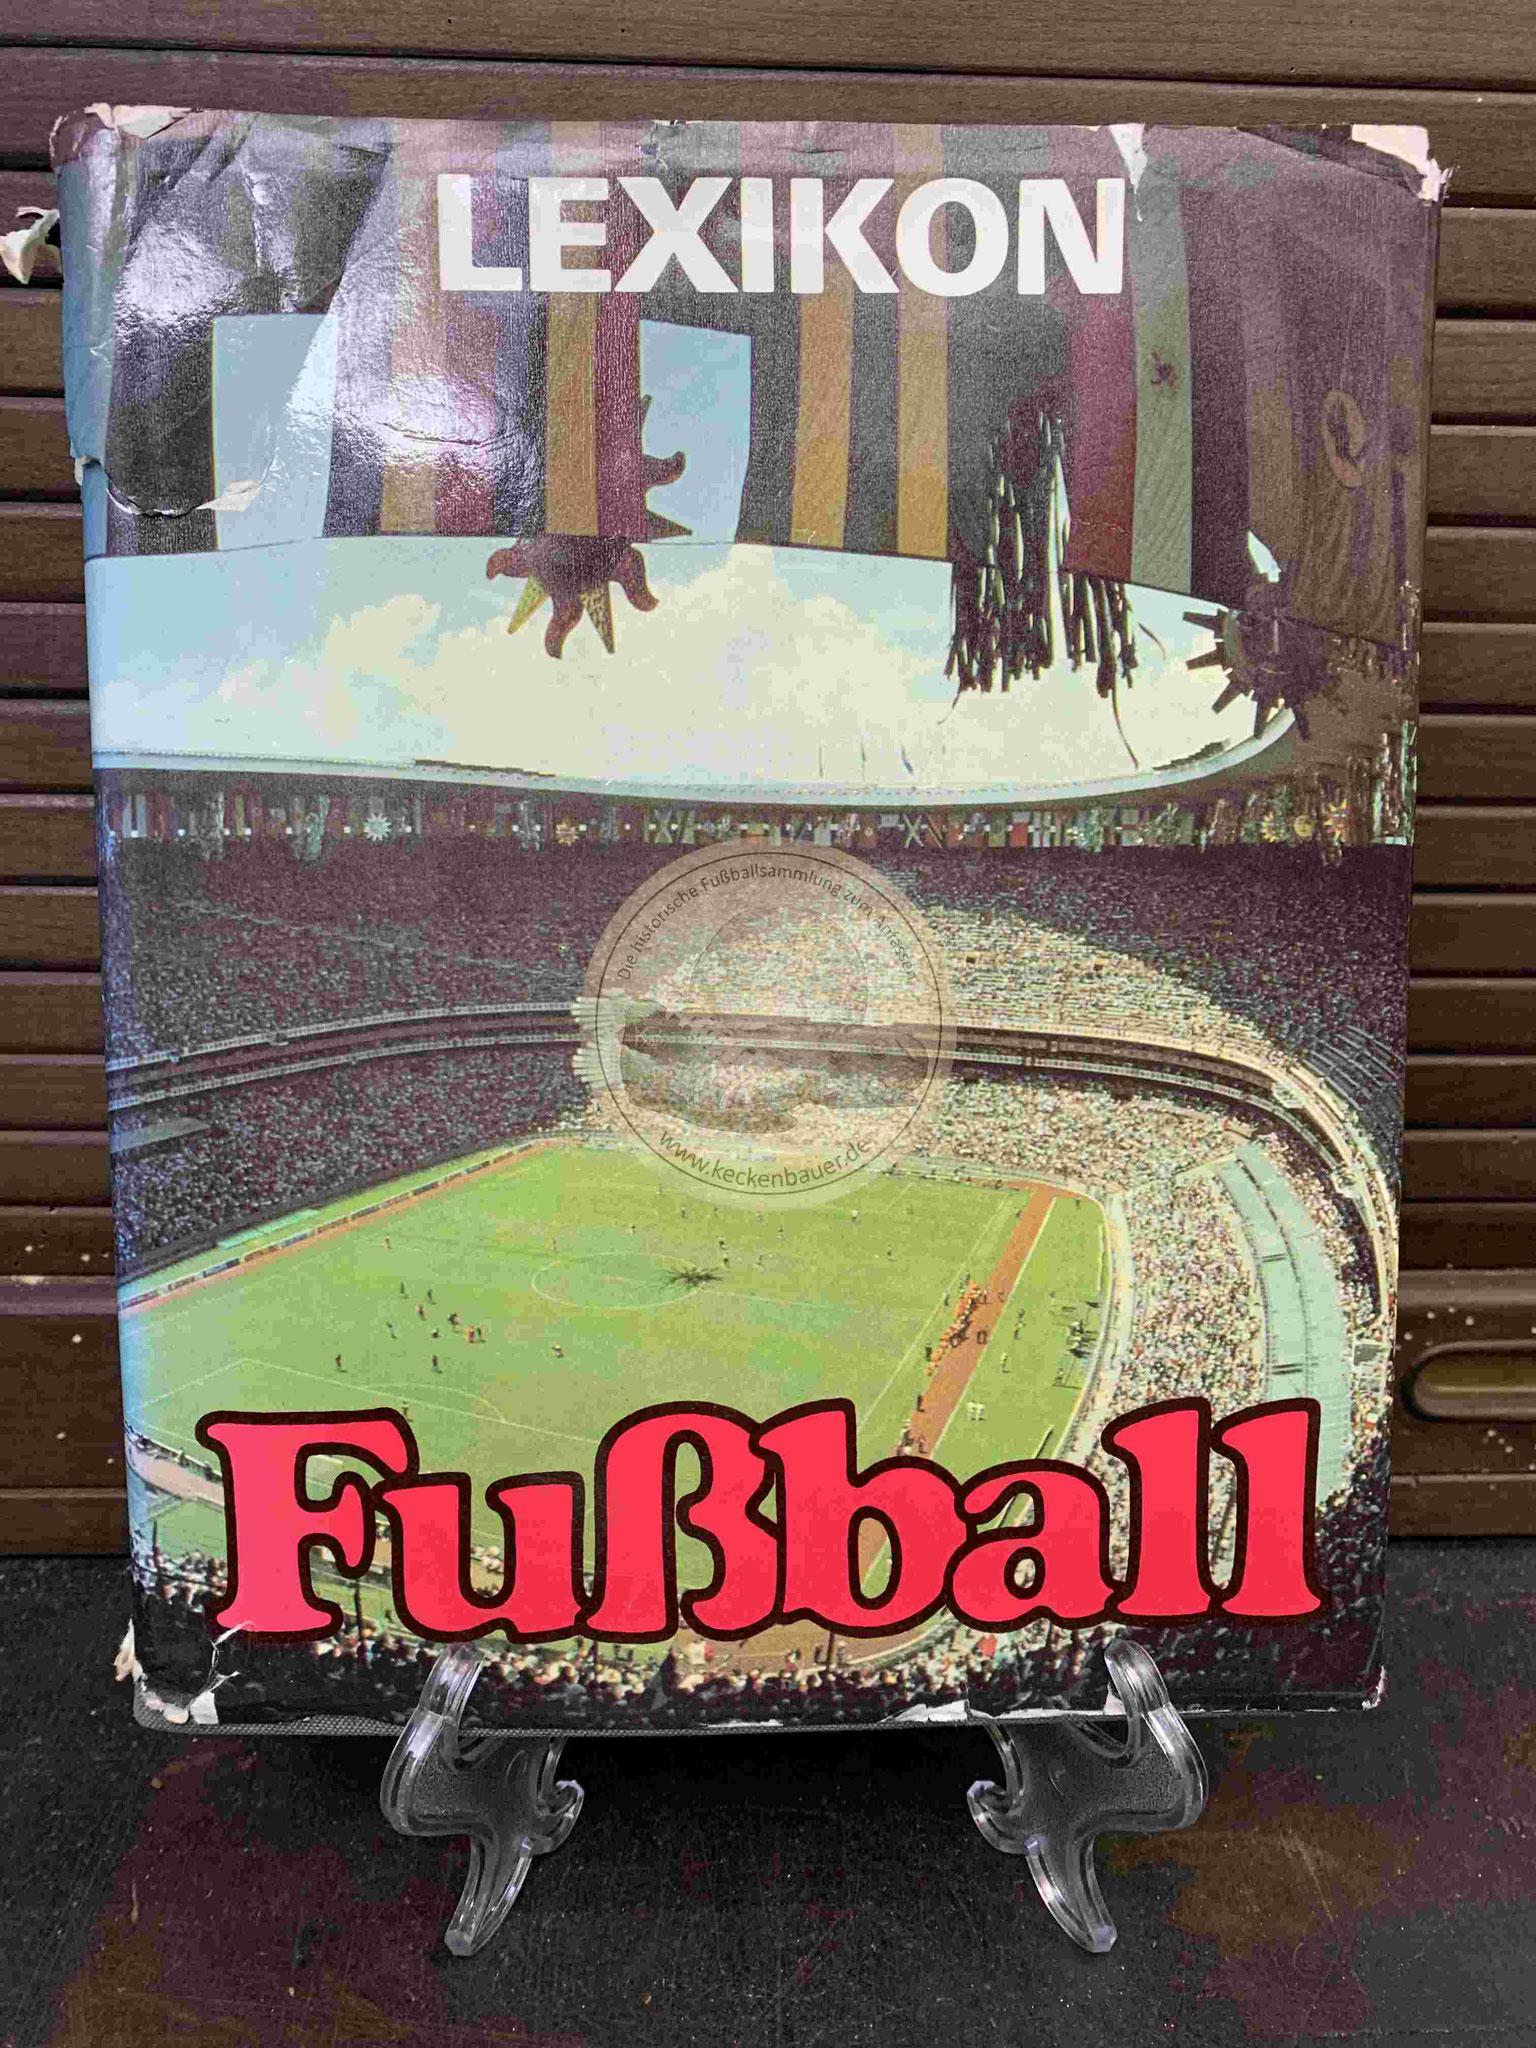 Lexikon Fußball aus dem Jahr 1987